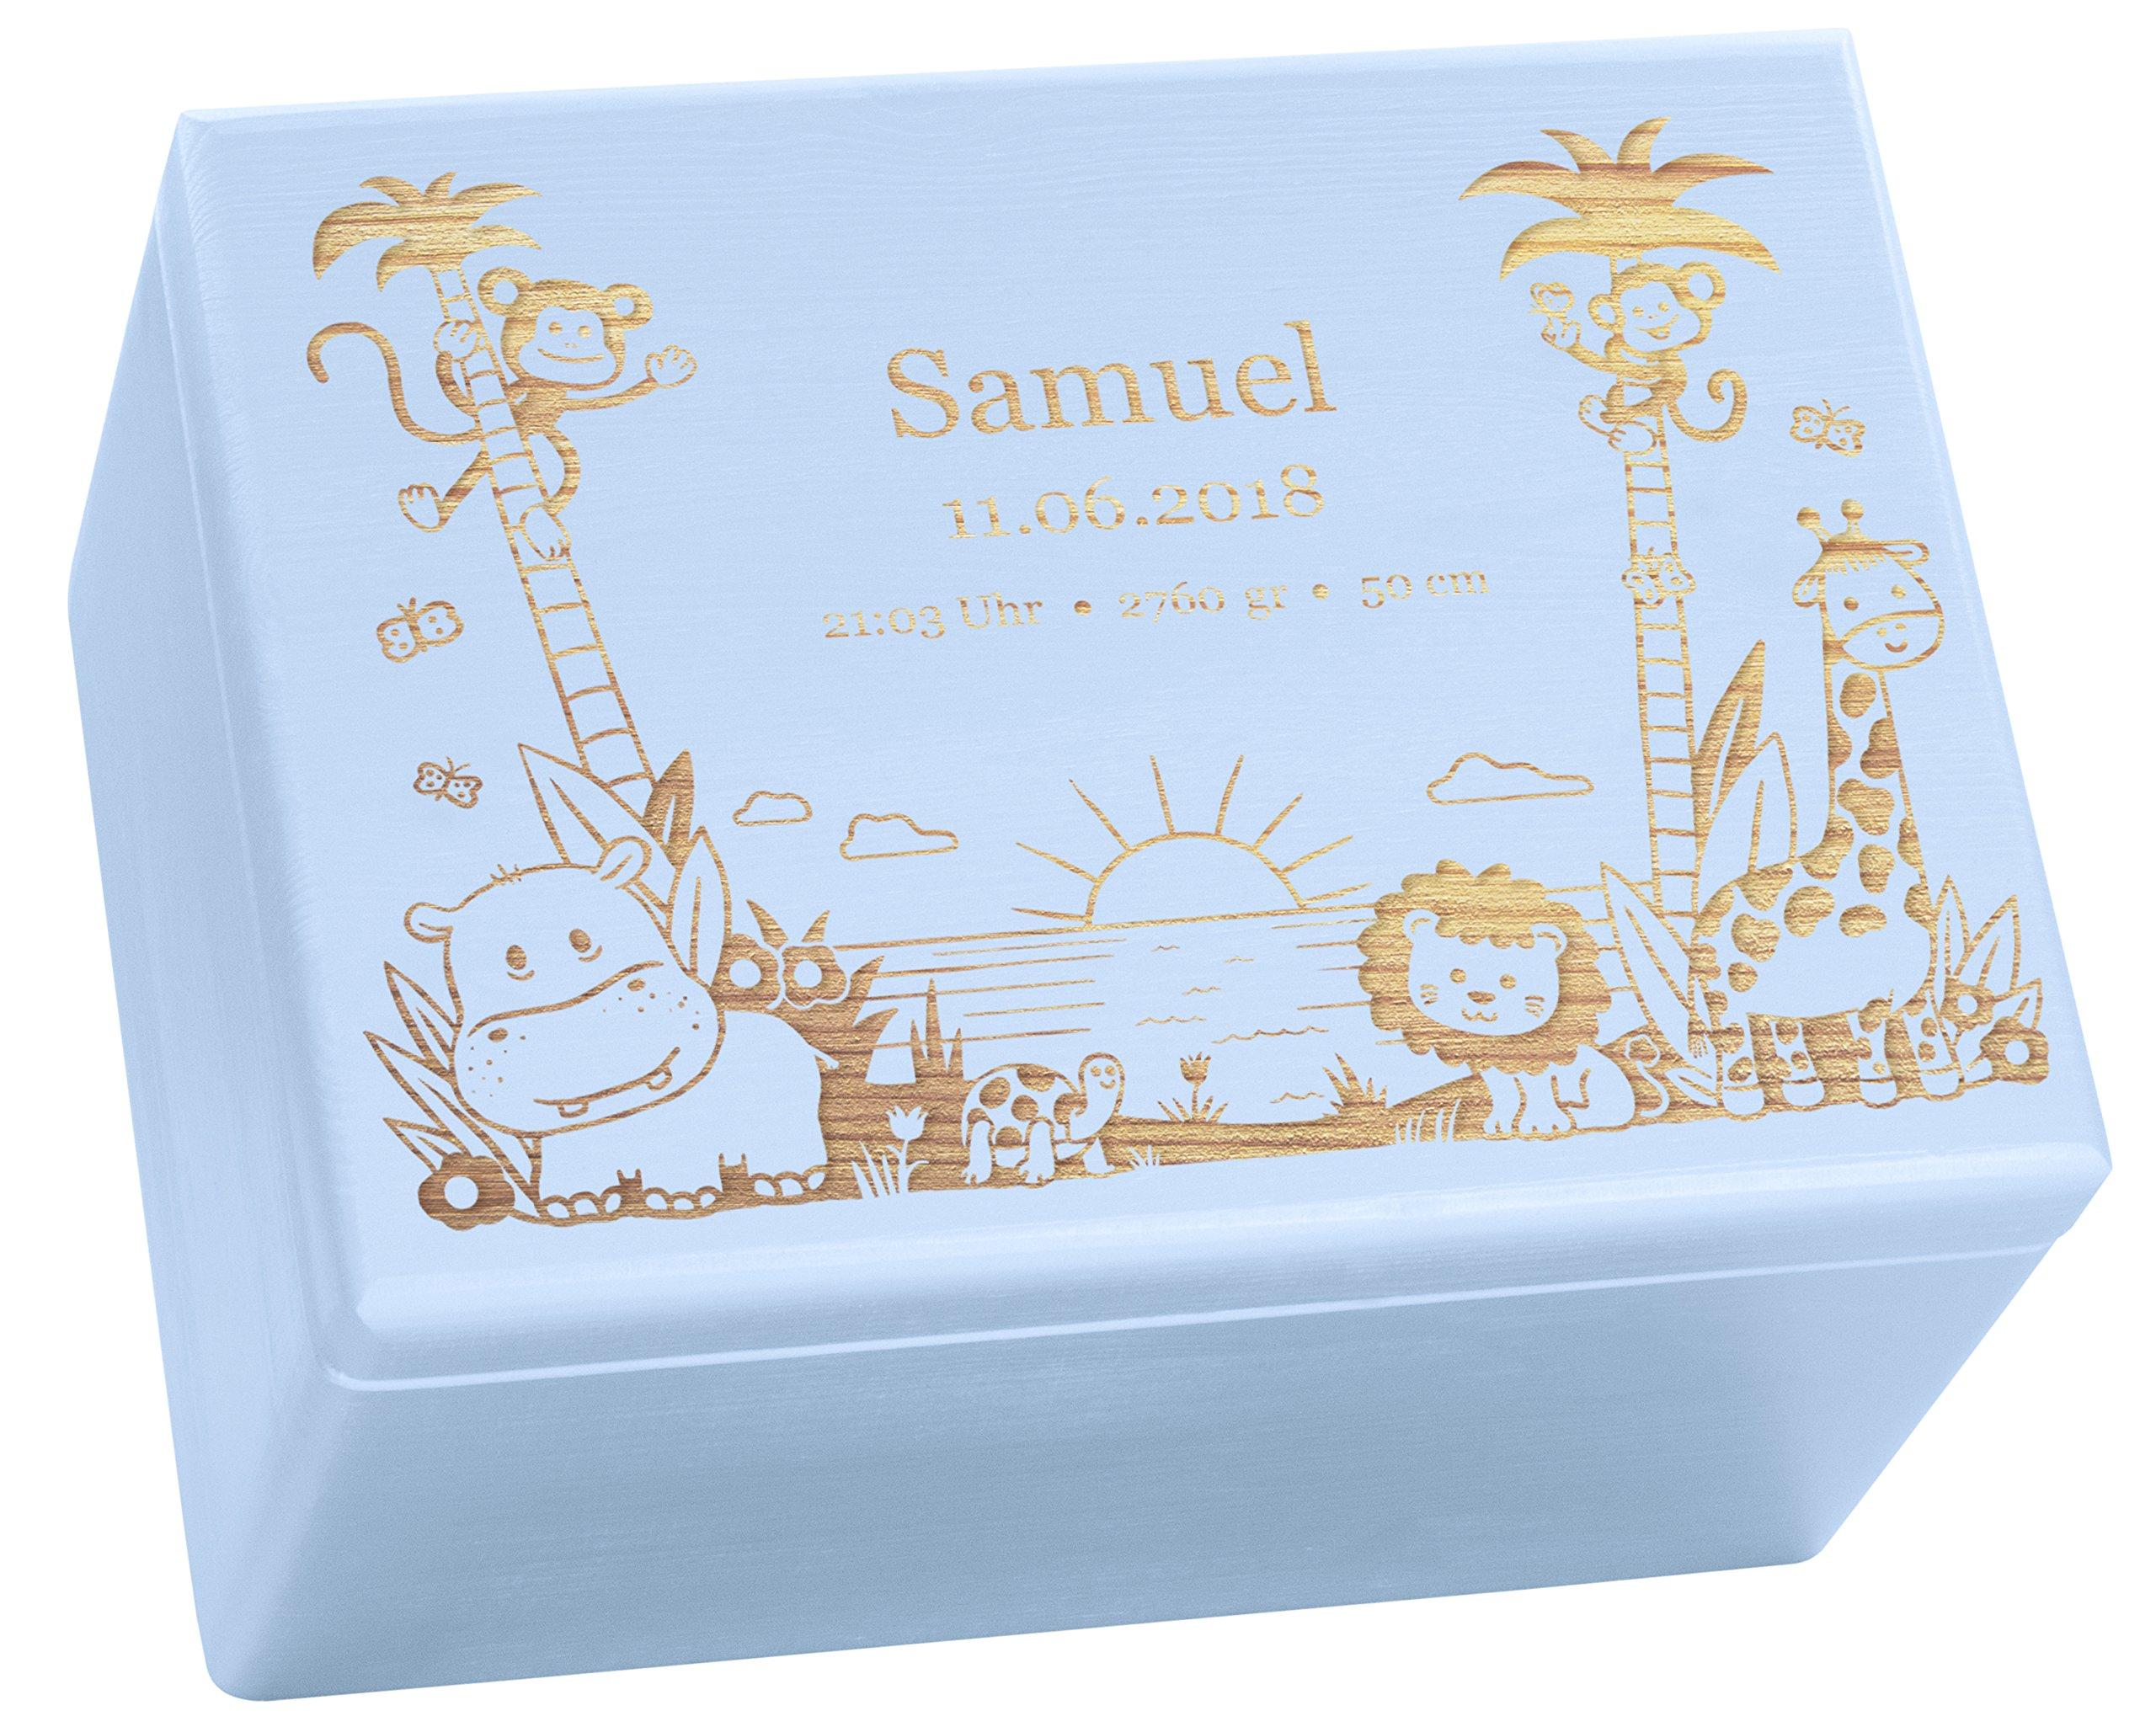 Holzkiste mit Gravur - Personalisiert mit ❤️ GEBURTSDATEN ❤️ - Blau Größe XL - Dschungel Motiv - Erinnerungskiste als Geschenk zur Geburt - LAUBLUST® 11